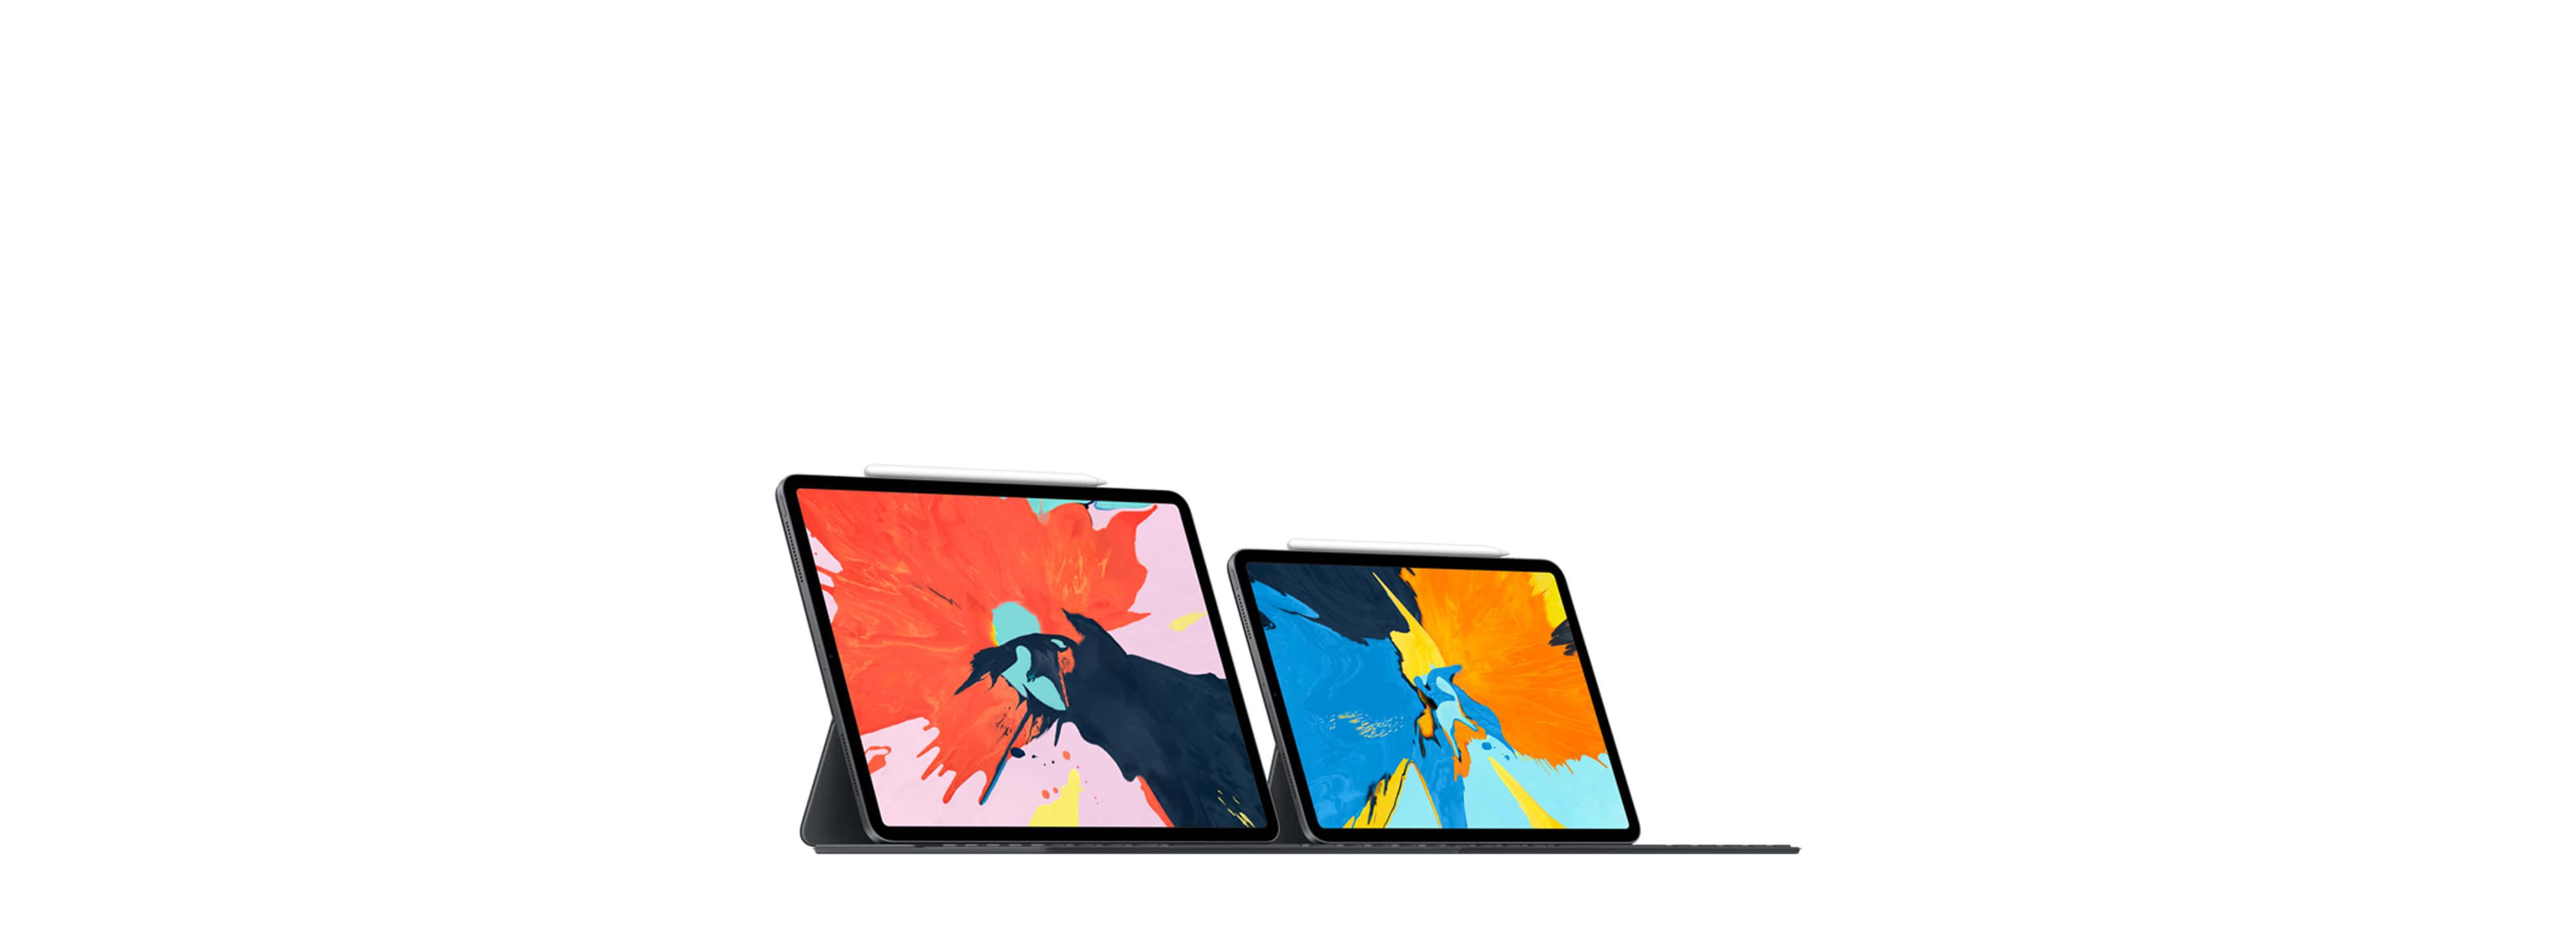 iPad Pro 2018 Main